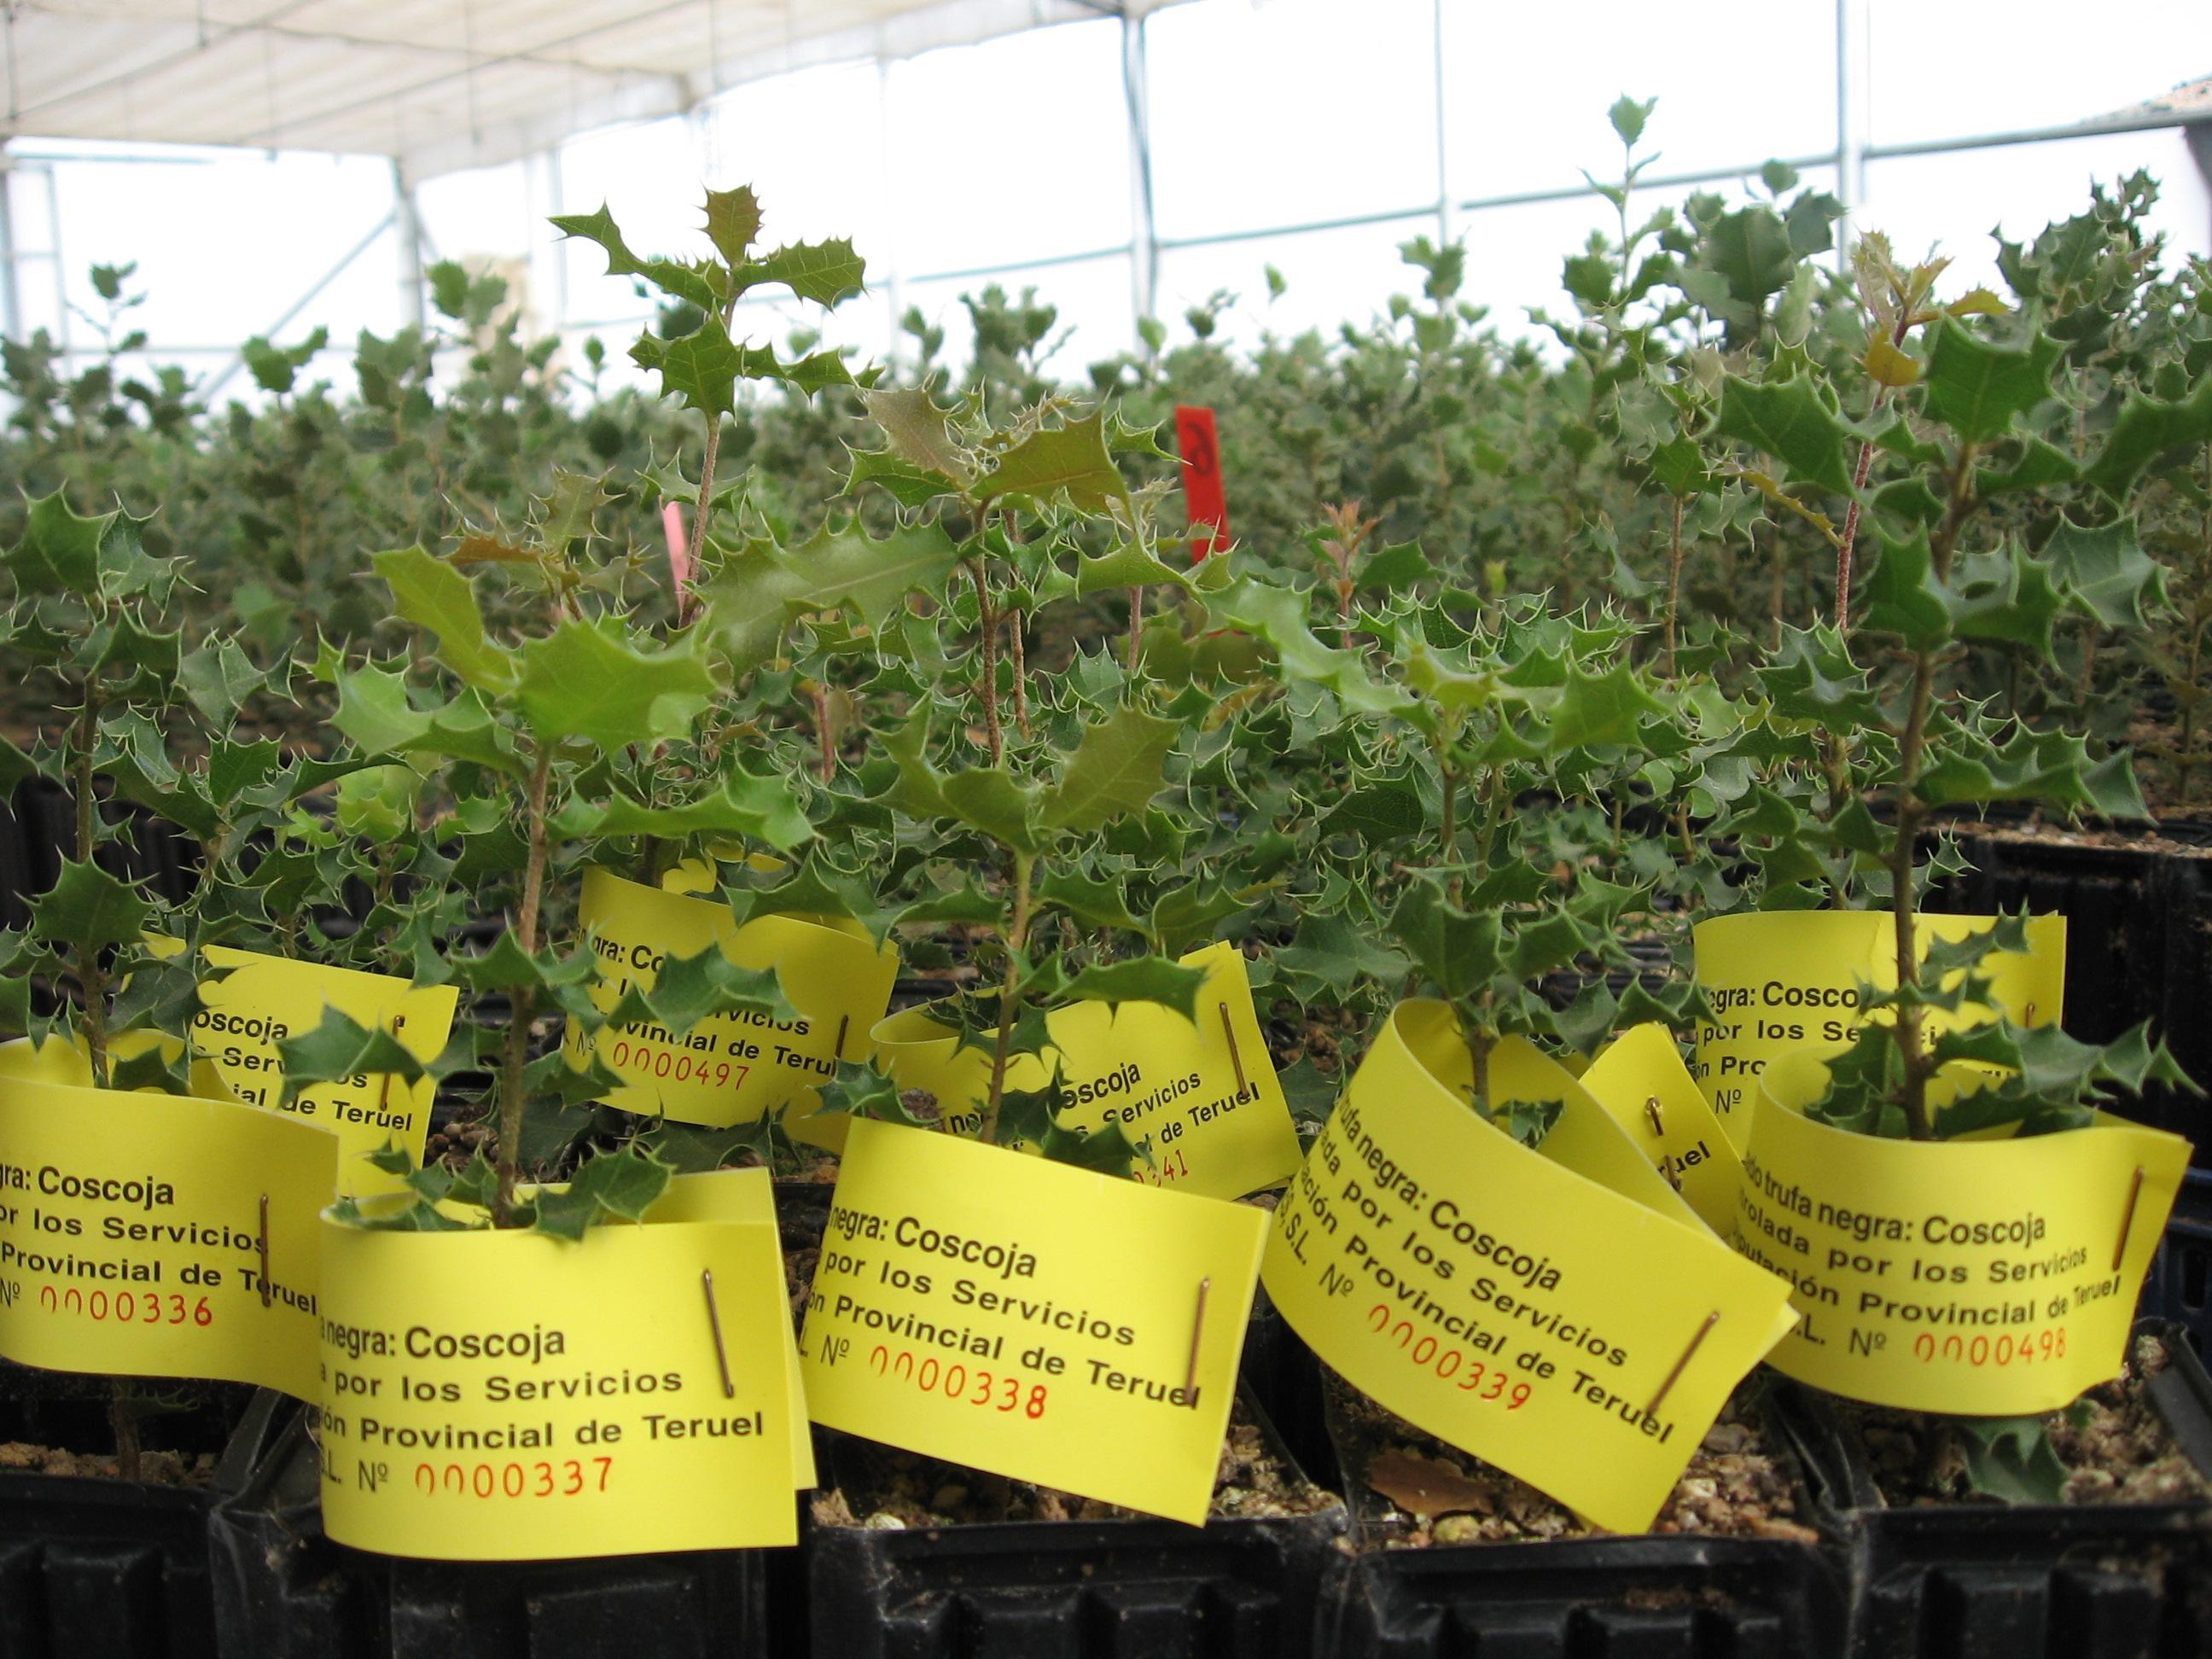 La coscoja es otro de los árboles que pueden producir trufa.